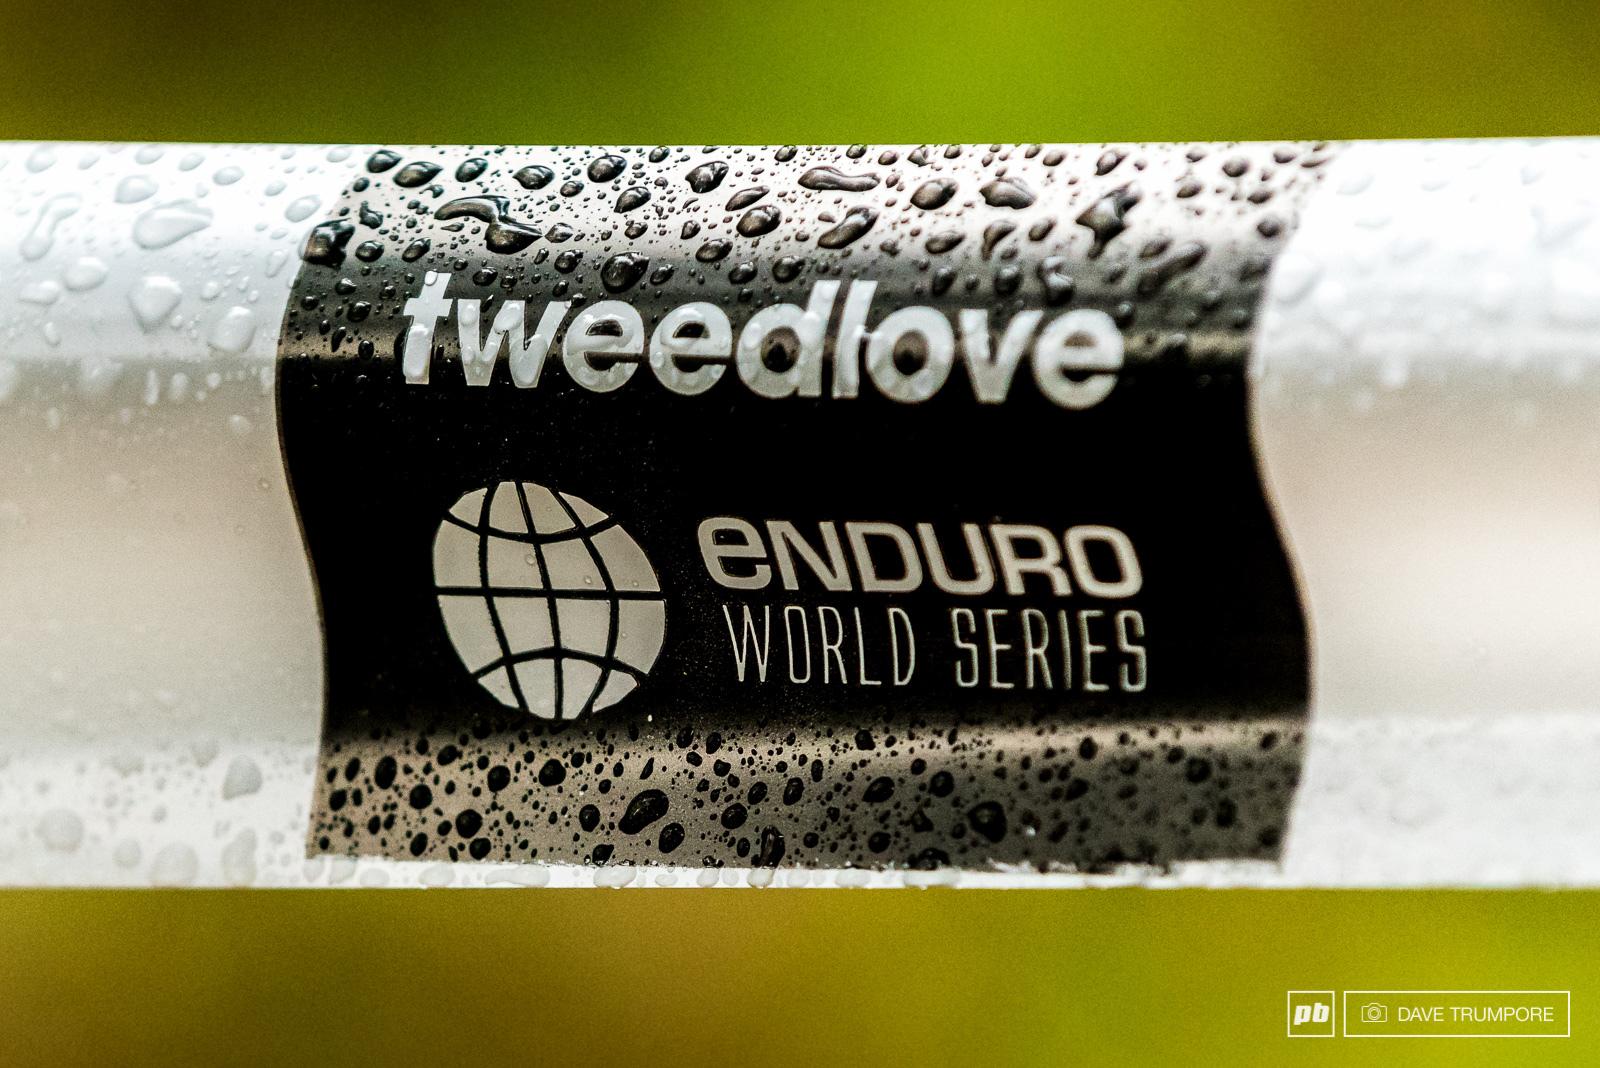 Welcome to the wet and Wild Tweedlove EWS.